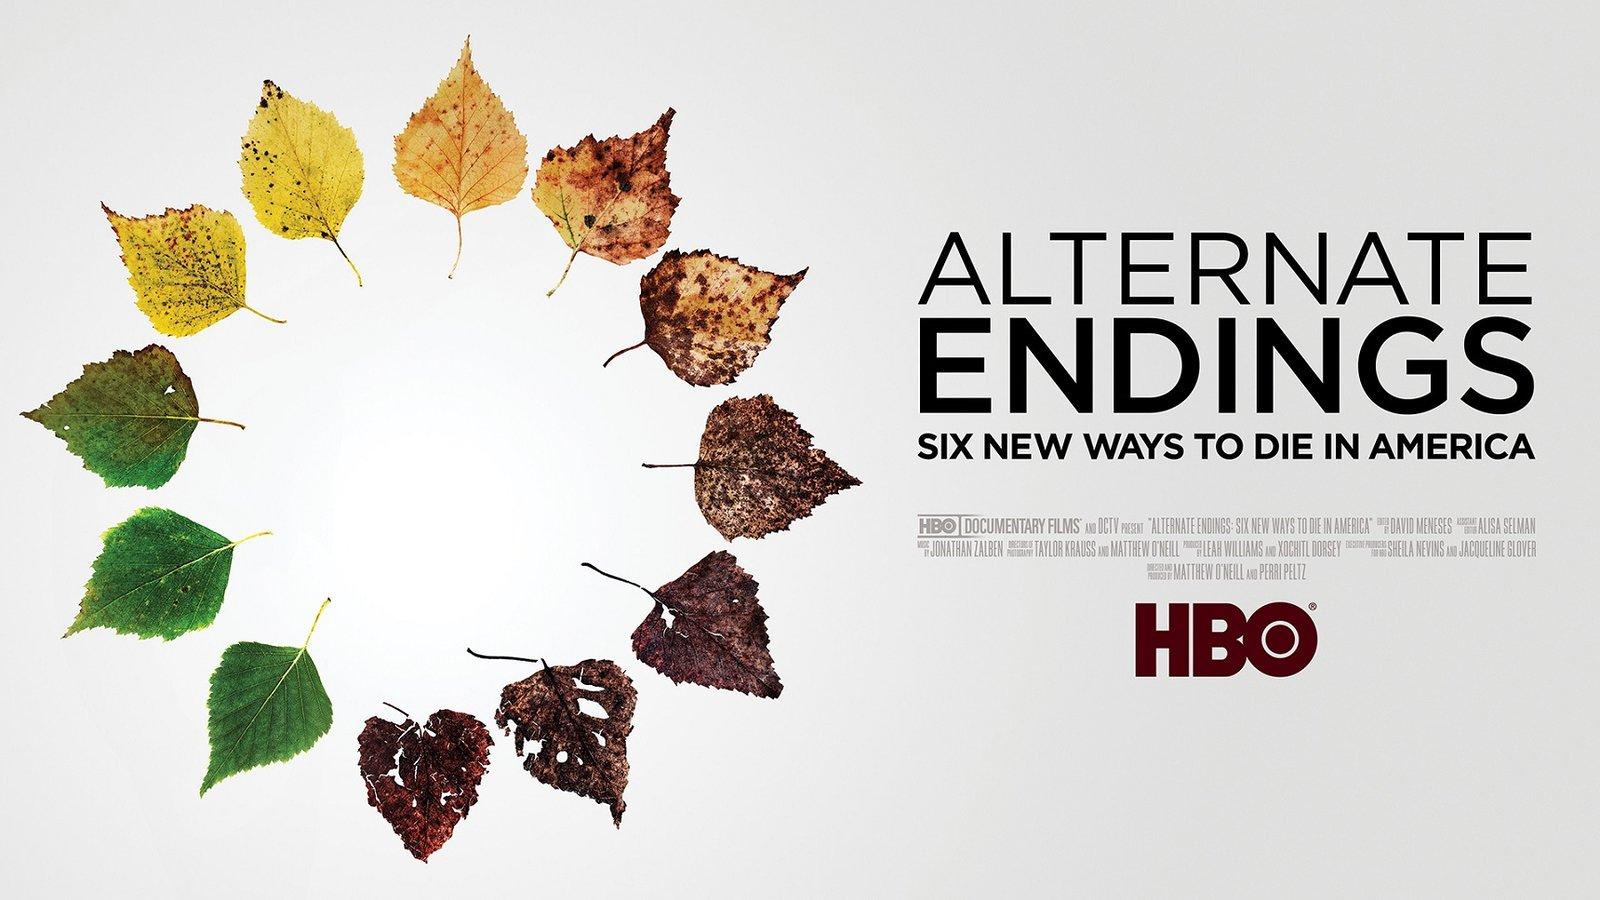 Alternate Endings - Six New Ways to Die in America